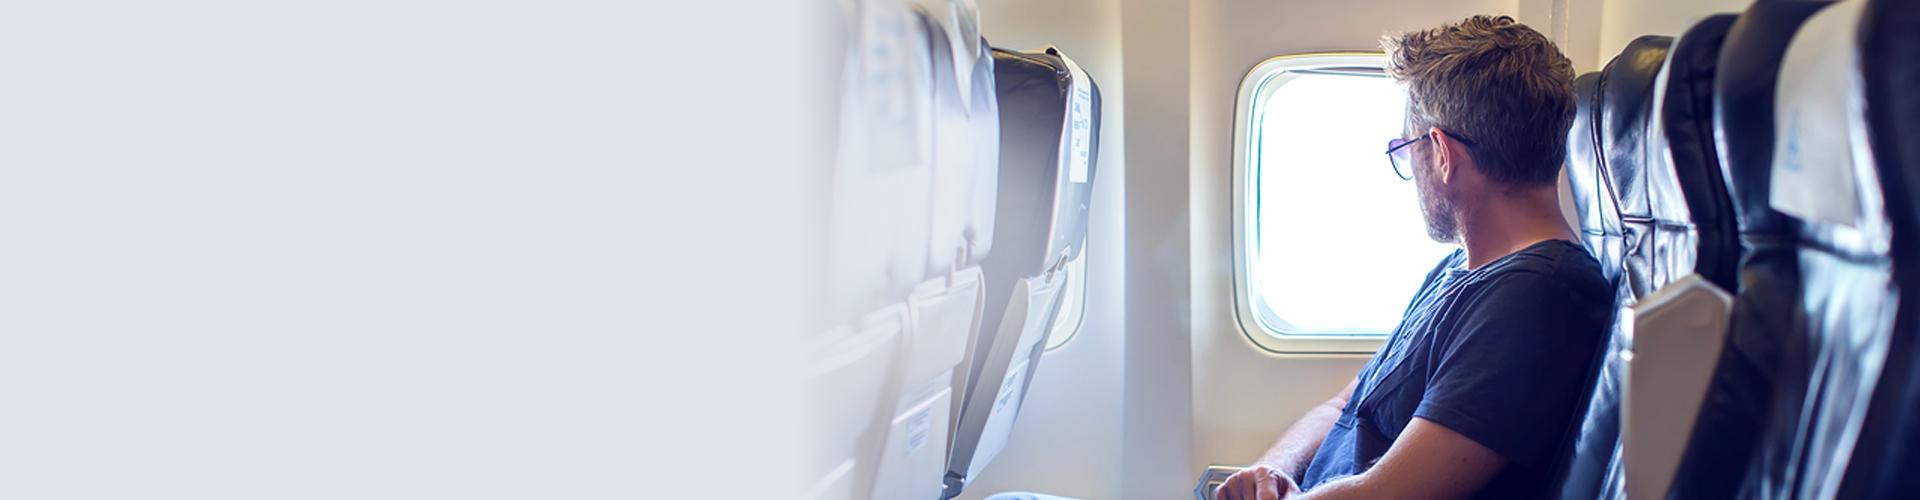 שלווה בטיסה-זה לא בשמים!